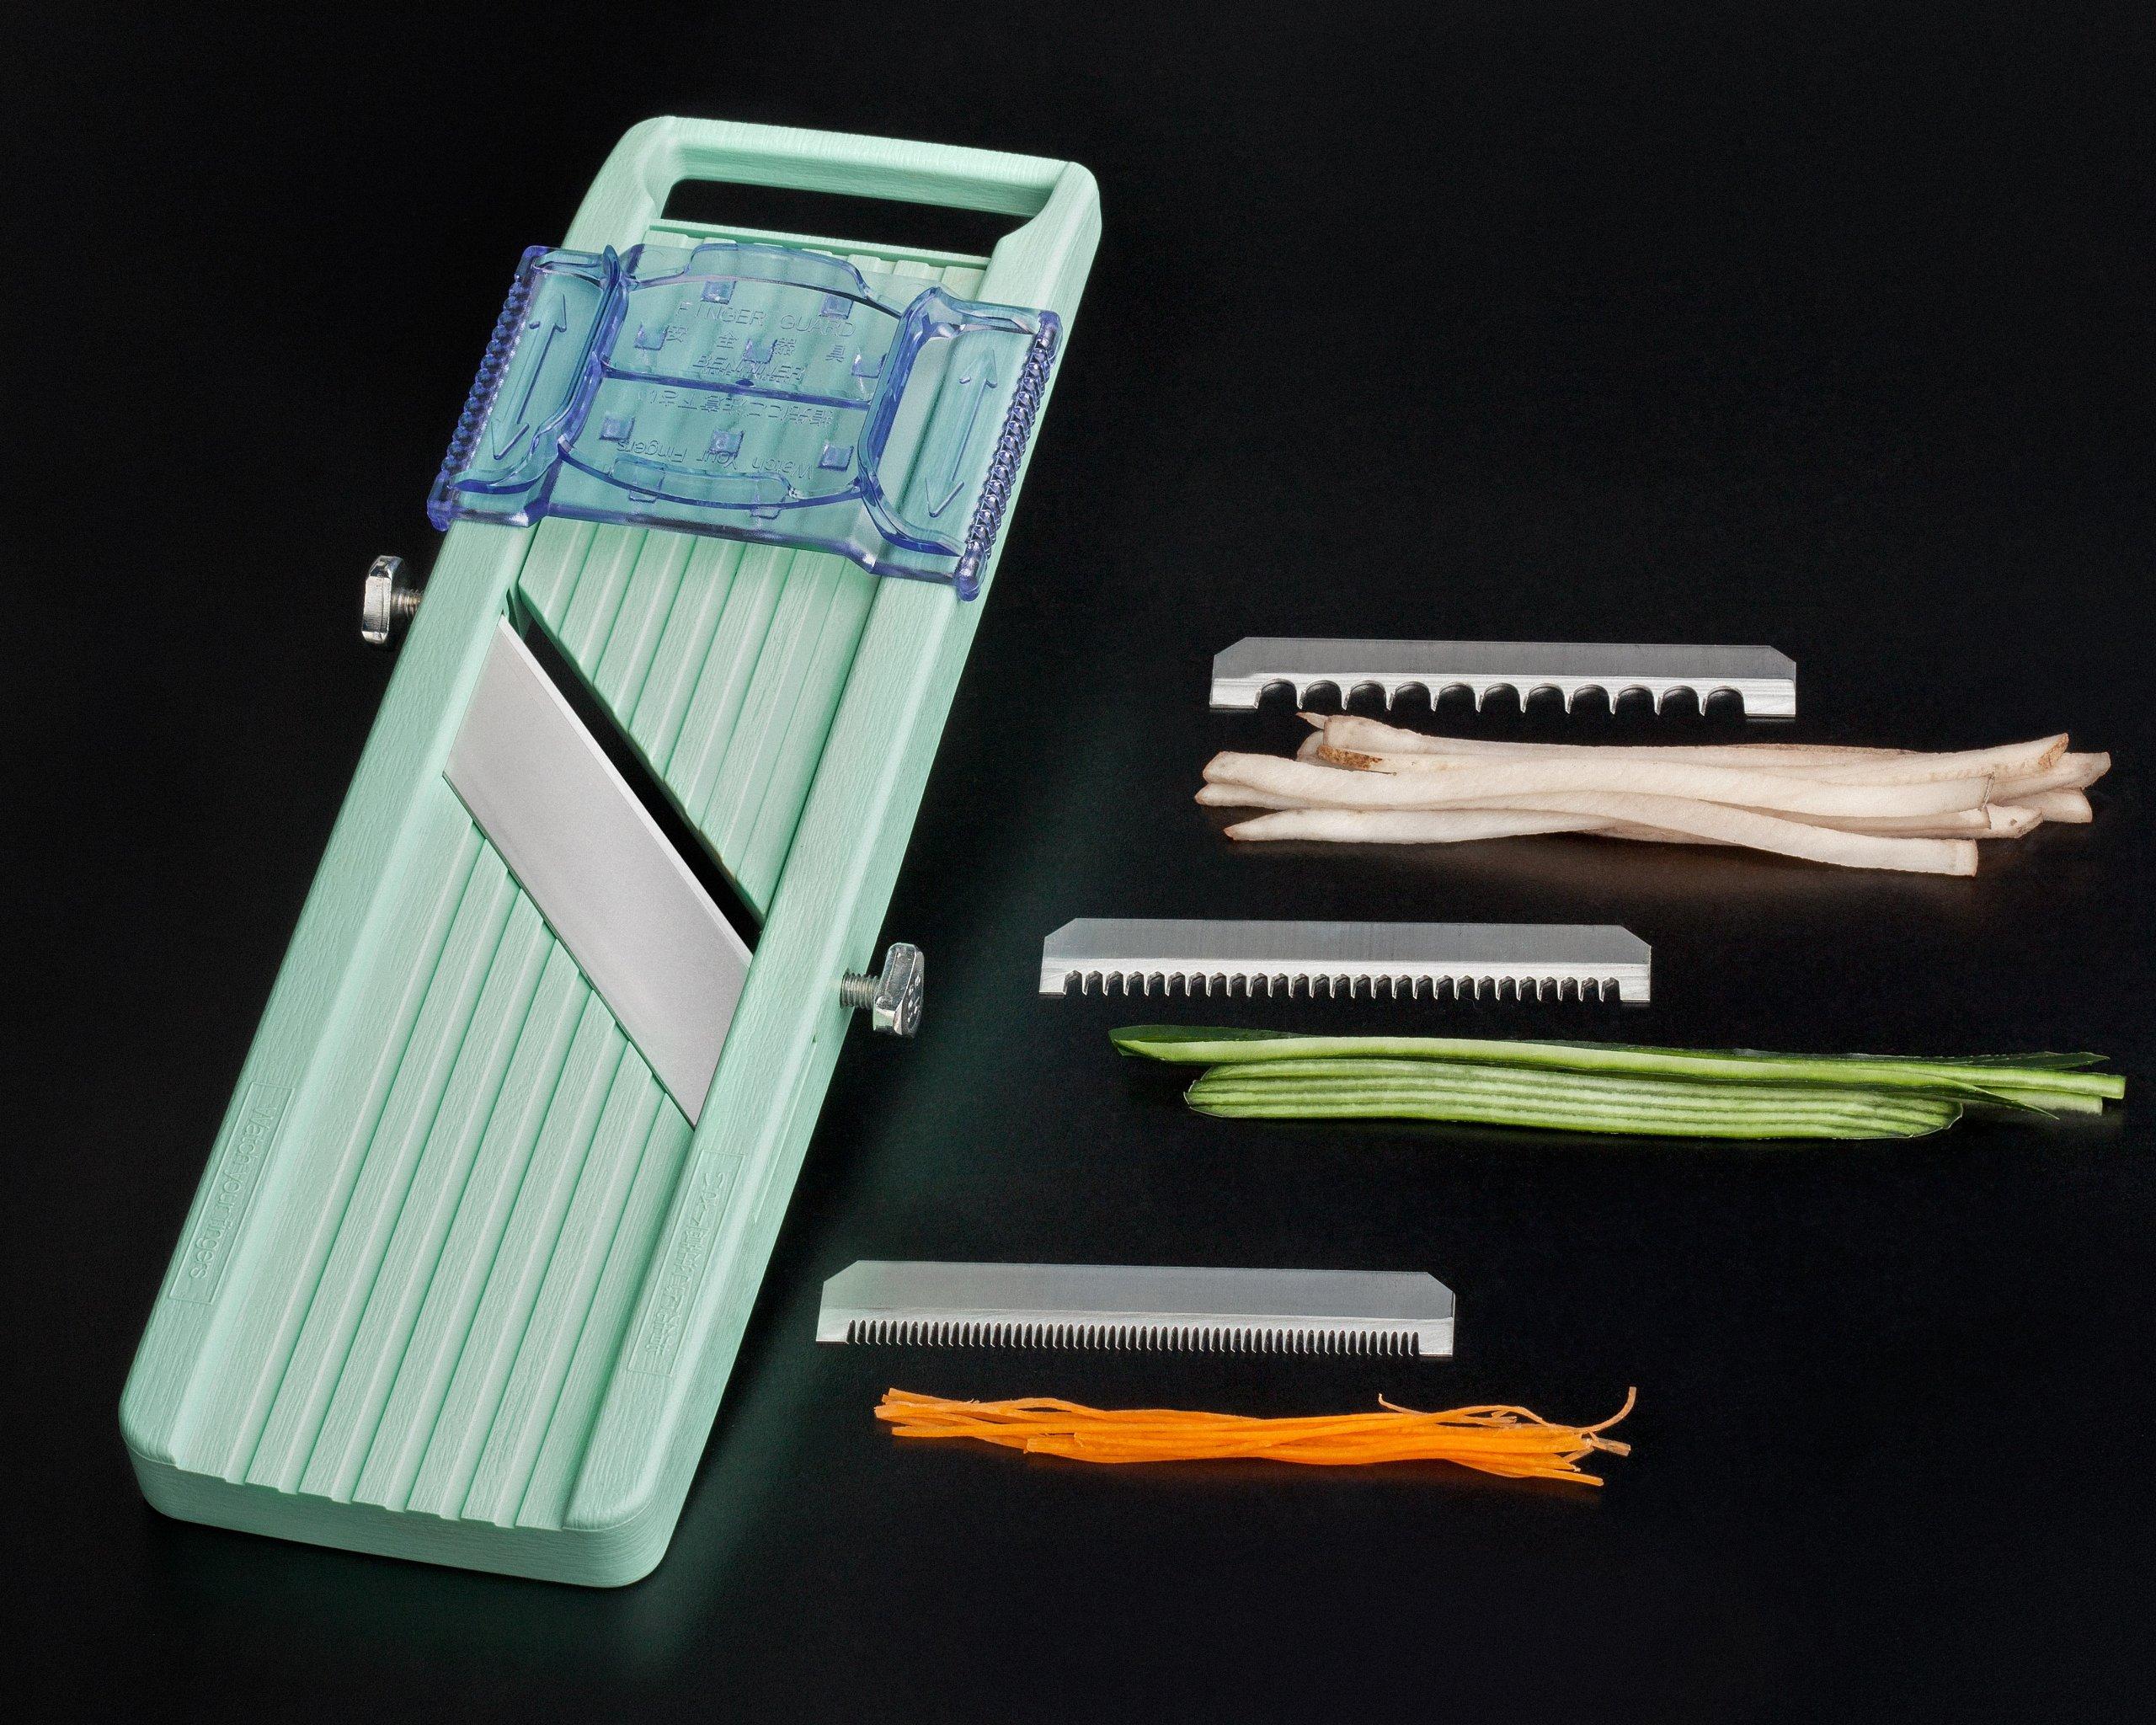 Benriner Japanese Mandoline Slicer image